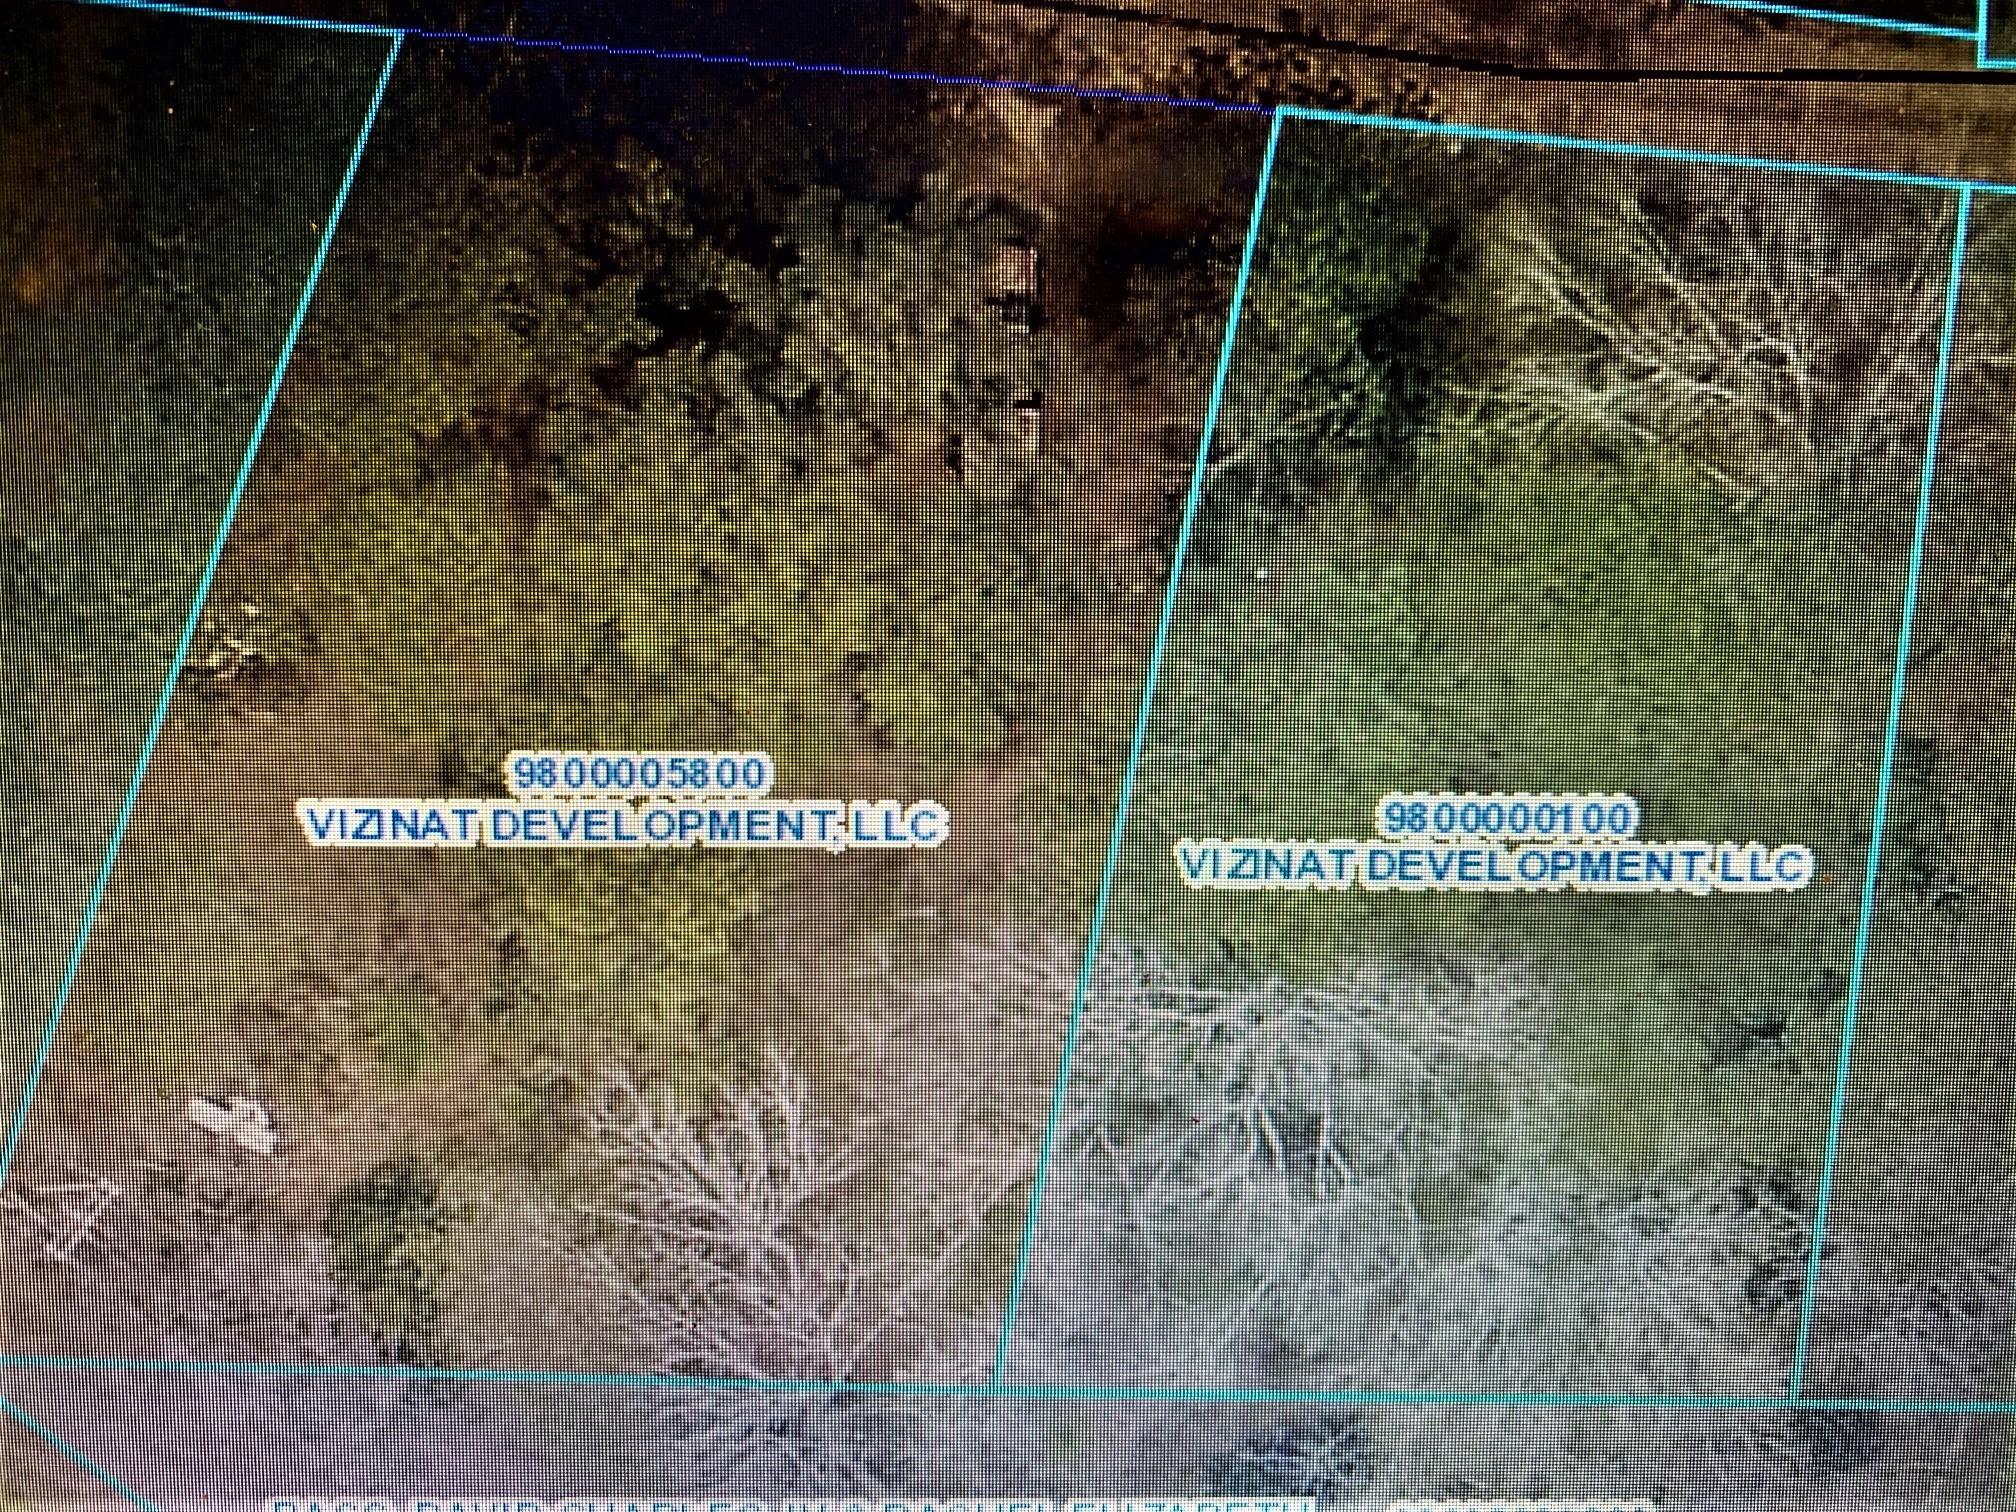 DeRidder land for sale,  TBD ILES LN, W/2 LOT 36, DeRidder LA - $11,000